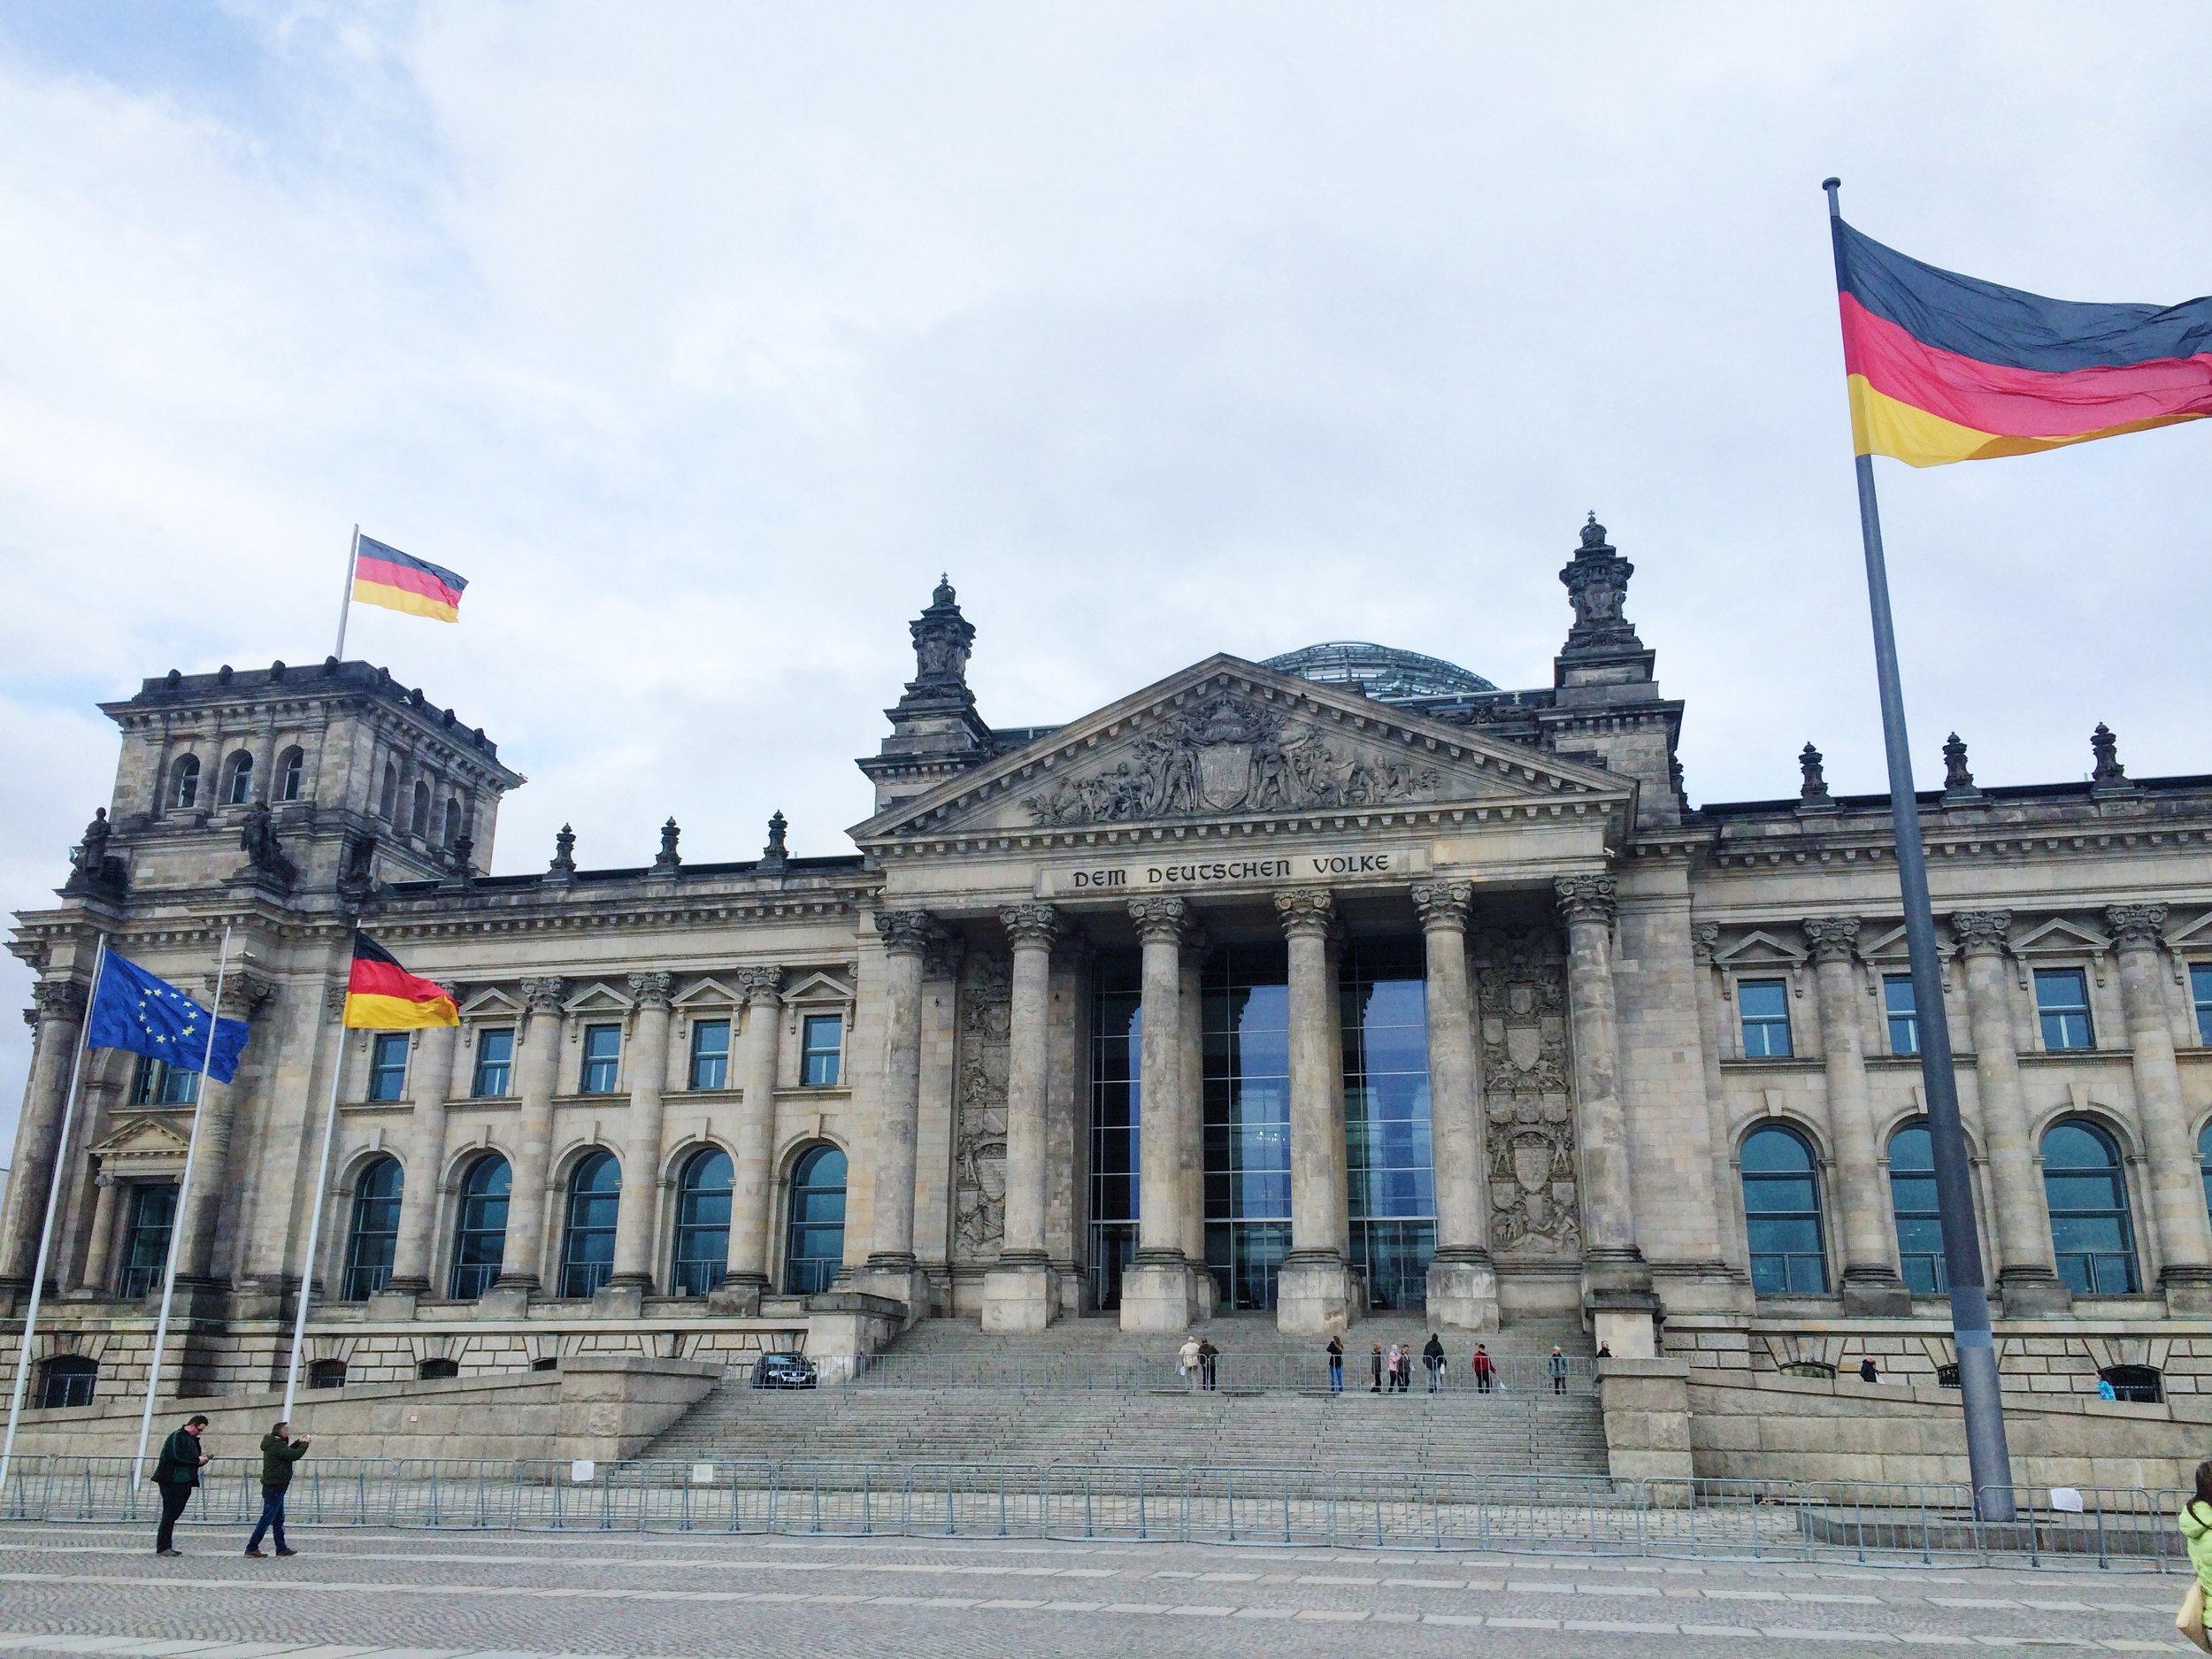 Reichstag Building / Tiergarten, Berlin / Germany